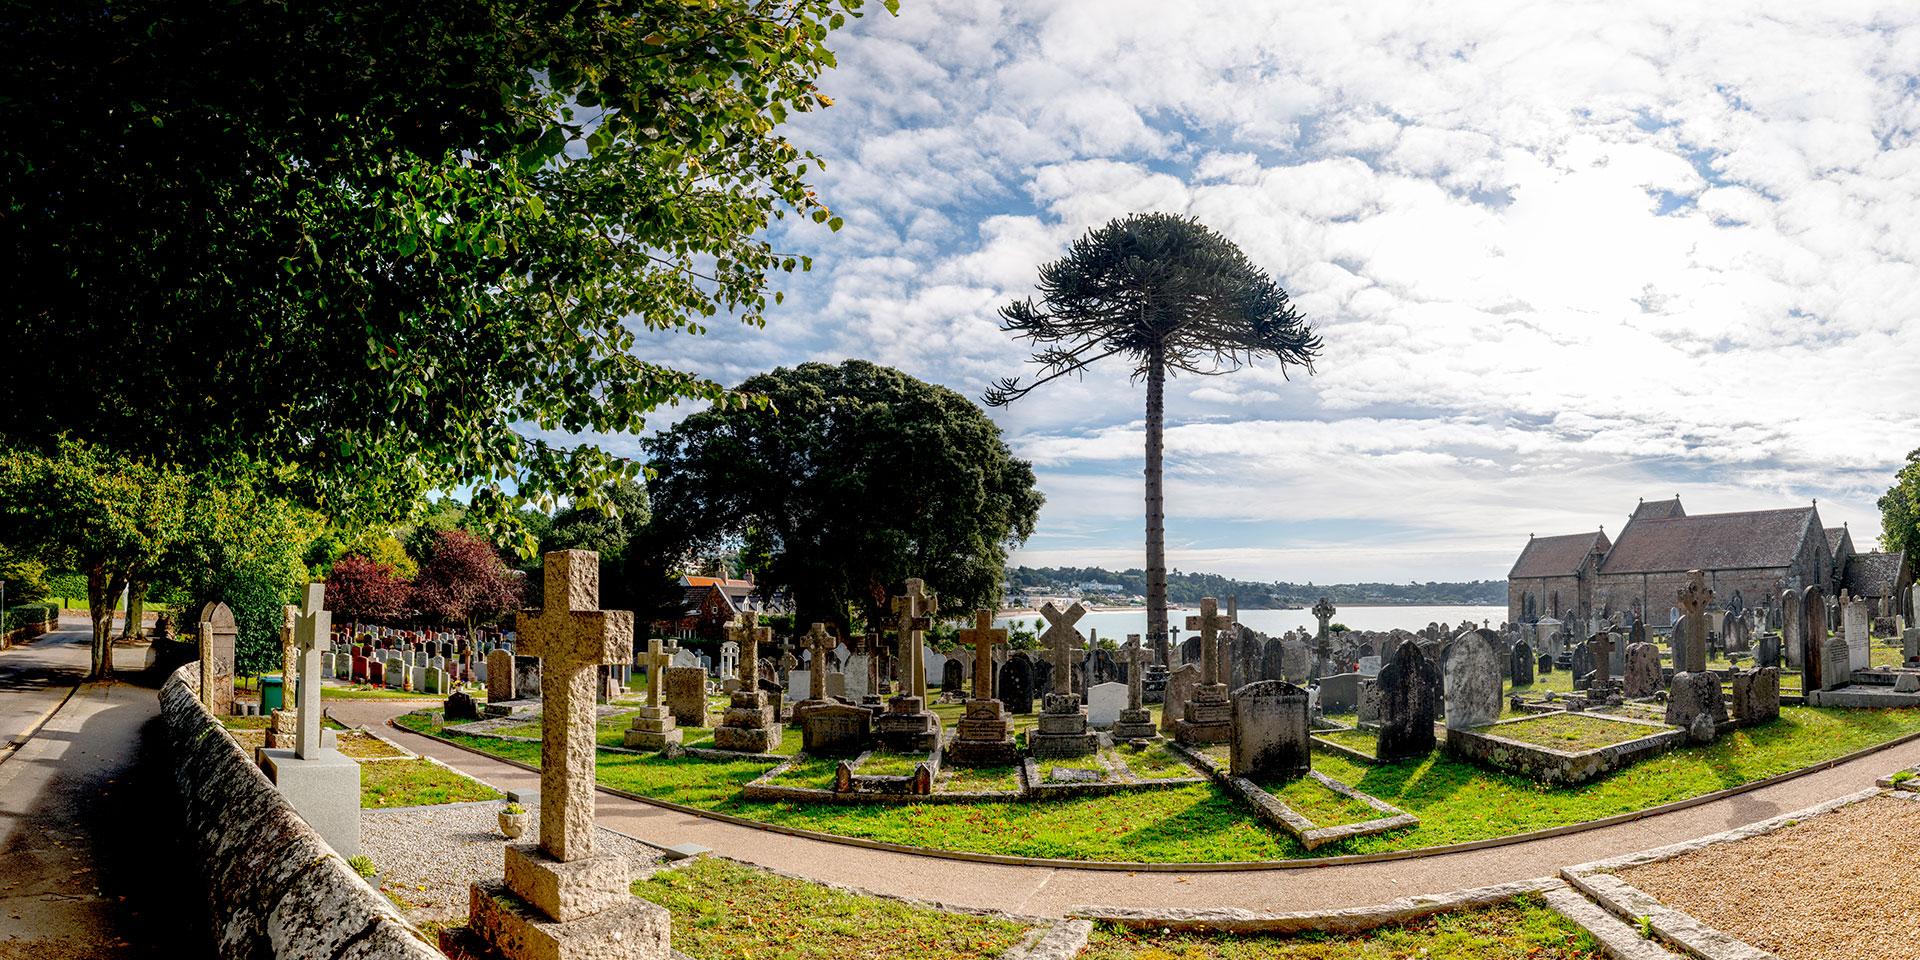 St. Brelade - Jersey